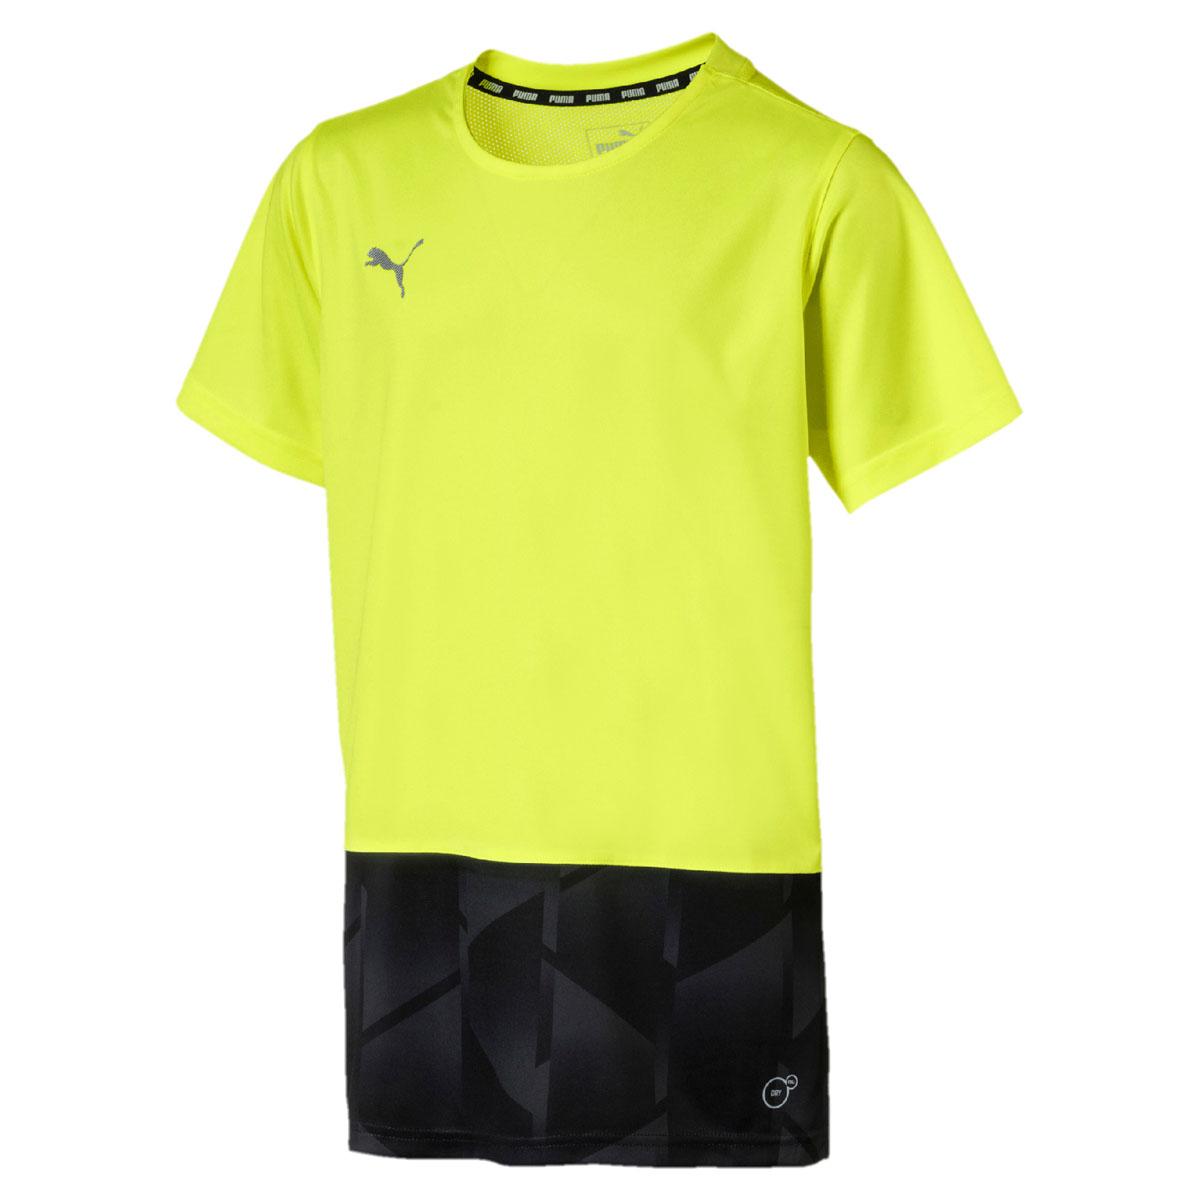 Футболка для мальчика Puma ftblNXT Graphic Shirt Jr, цвет: желтый, черный. 655560047. Размер 140655560047